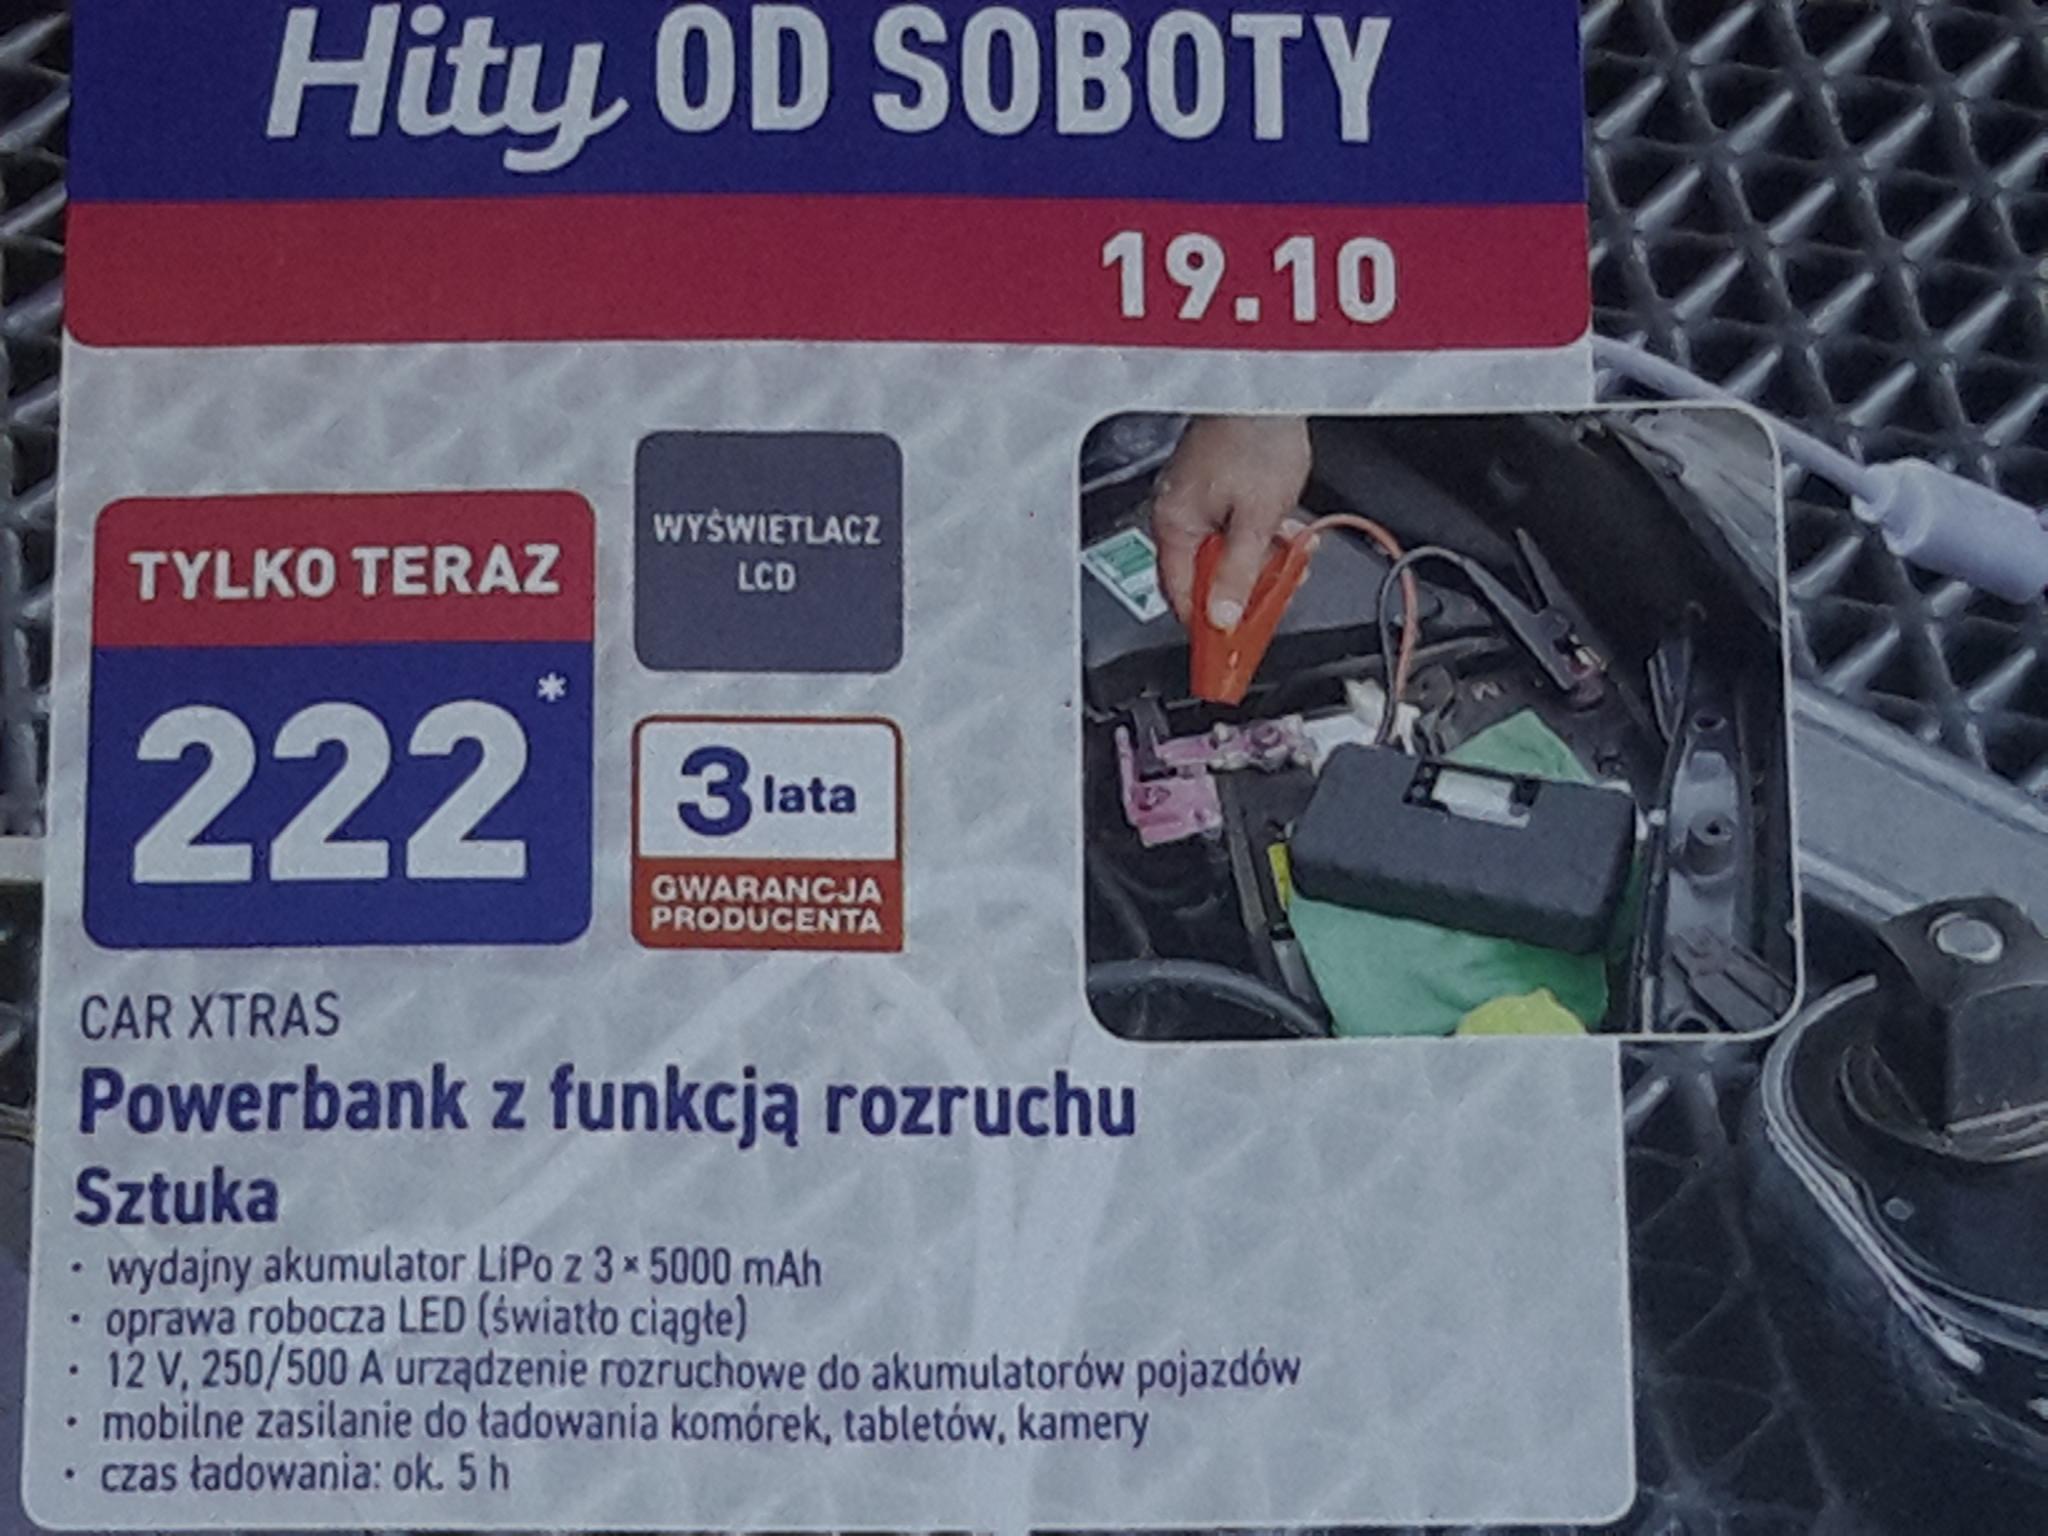 Aldi. 19.10.2019. Powerbank z funkcją rozruchu samochodu 3x5000 mAh.